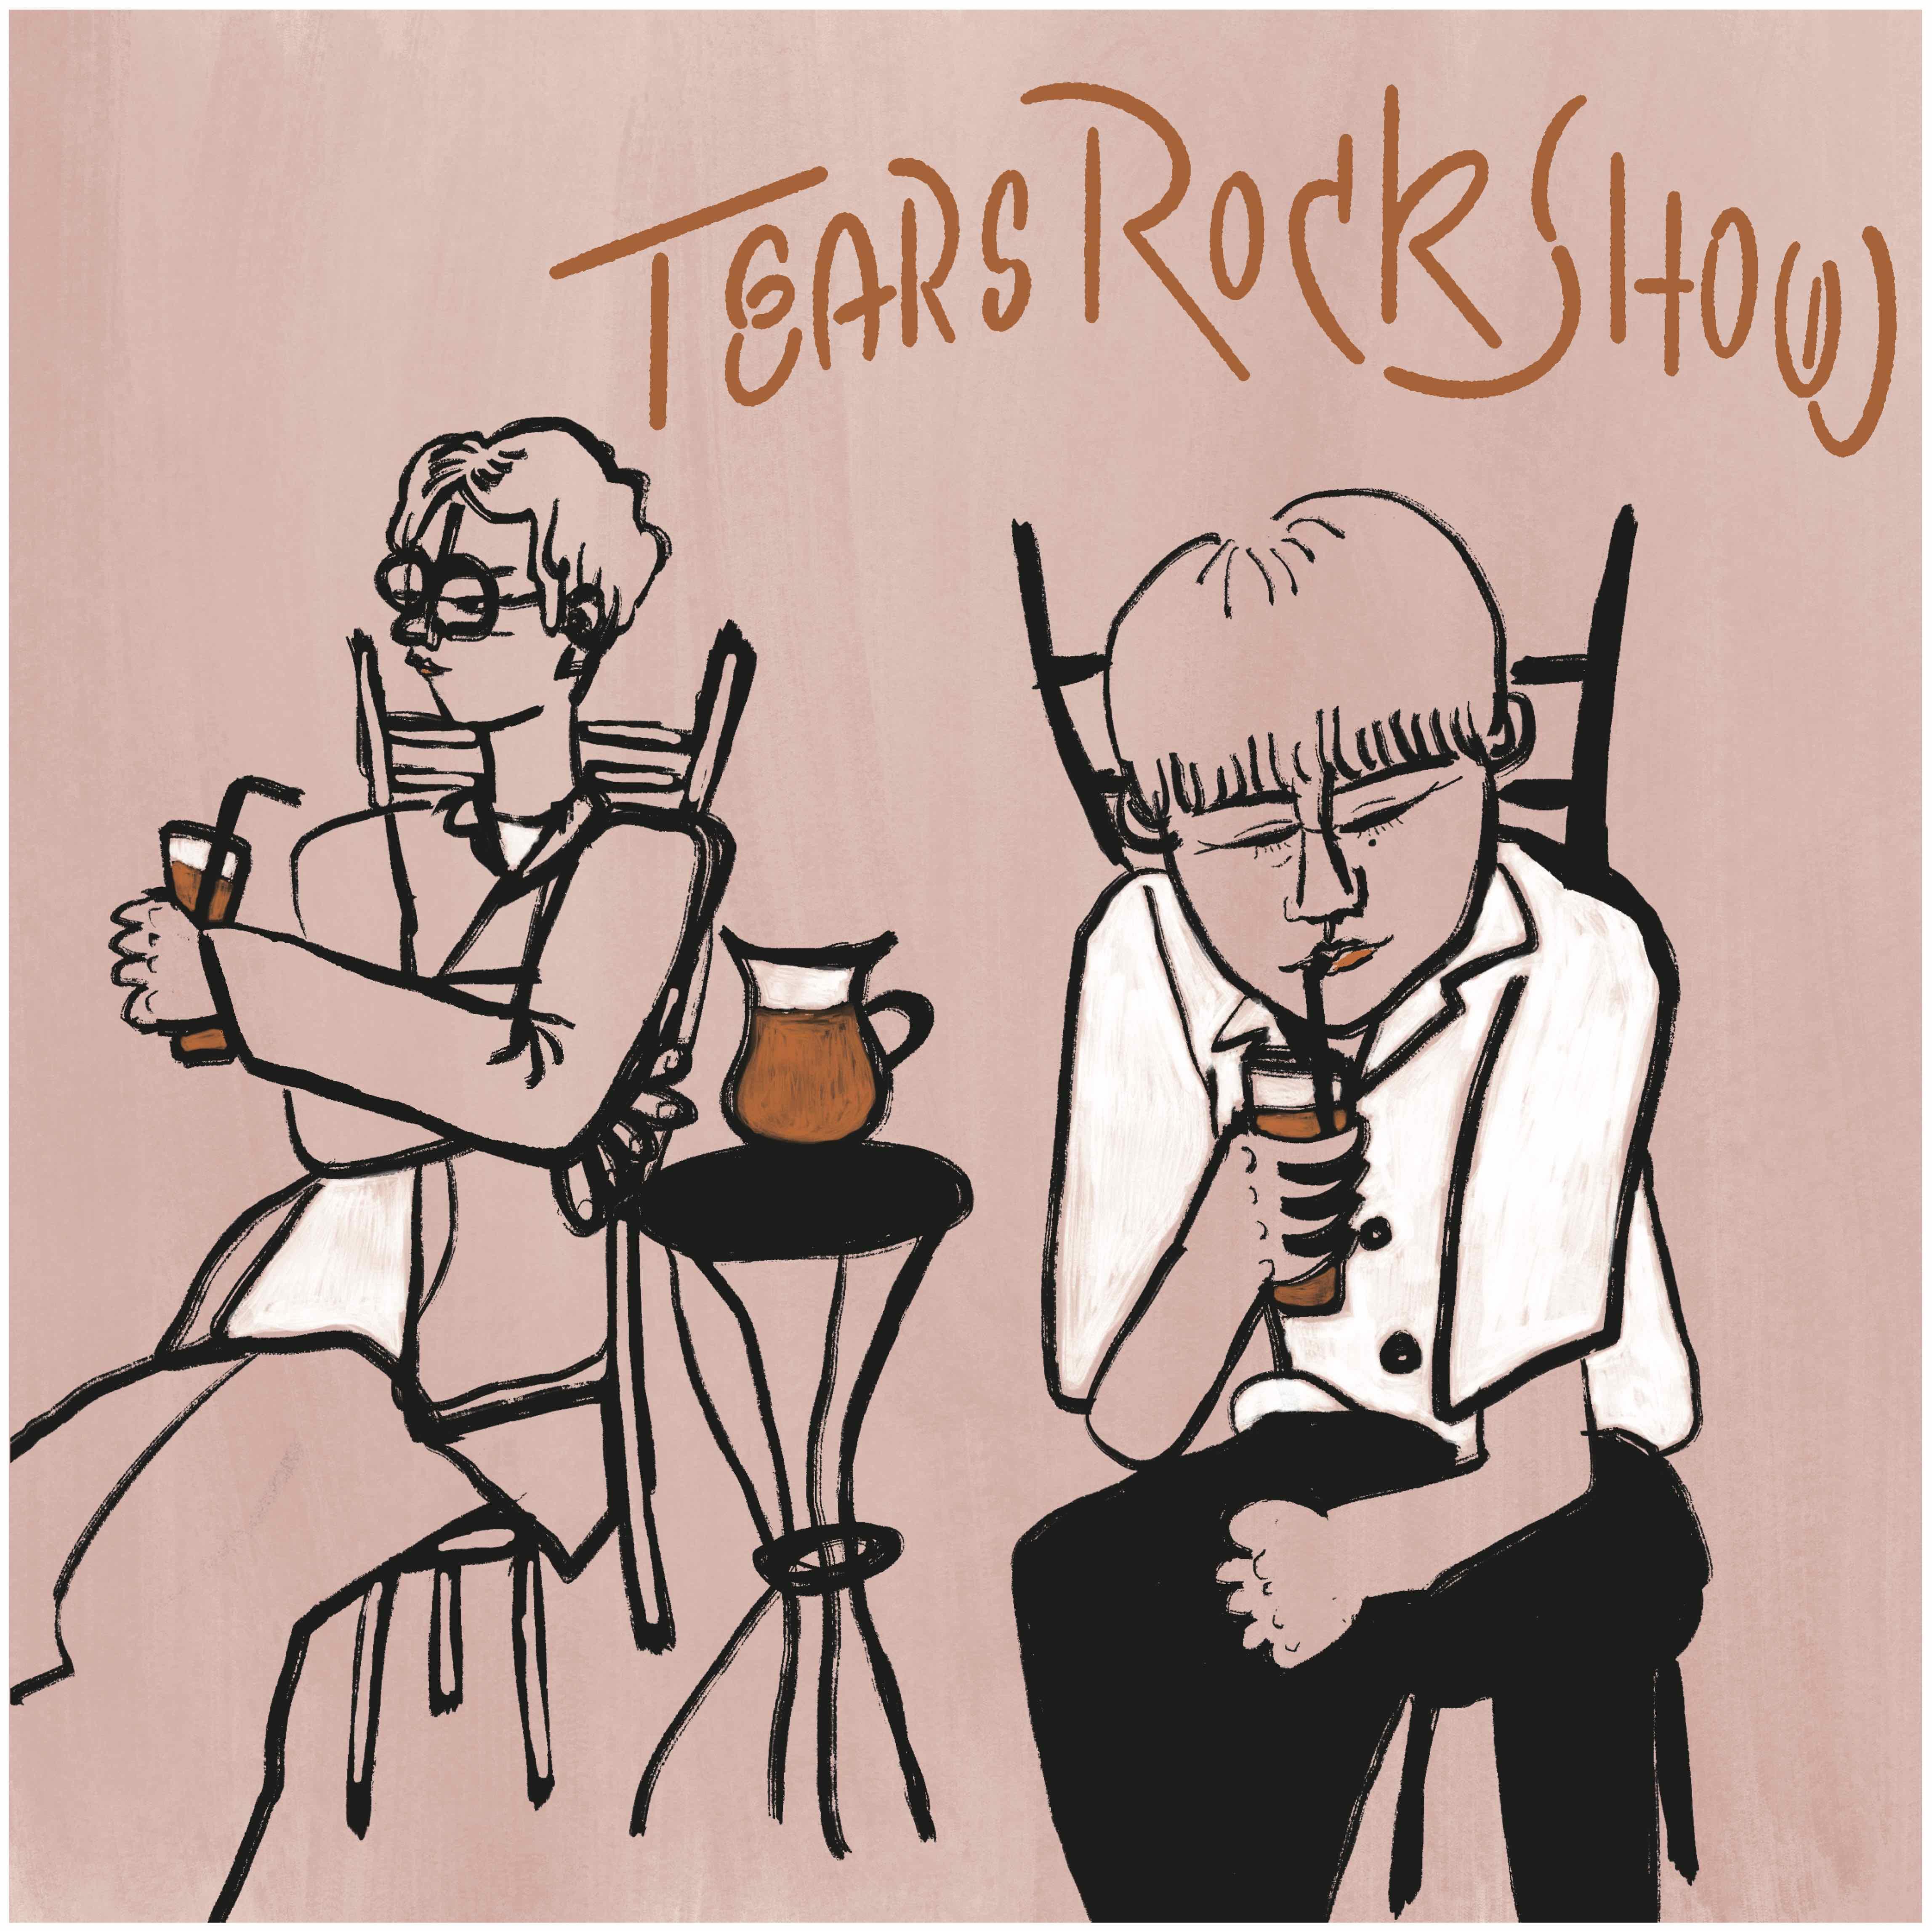 リ・ファンデと奇妙礼太郎「Tears Rock Show」名古屋アイドルタイム編